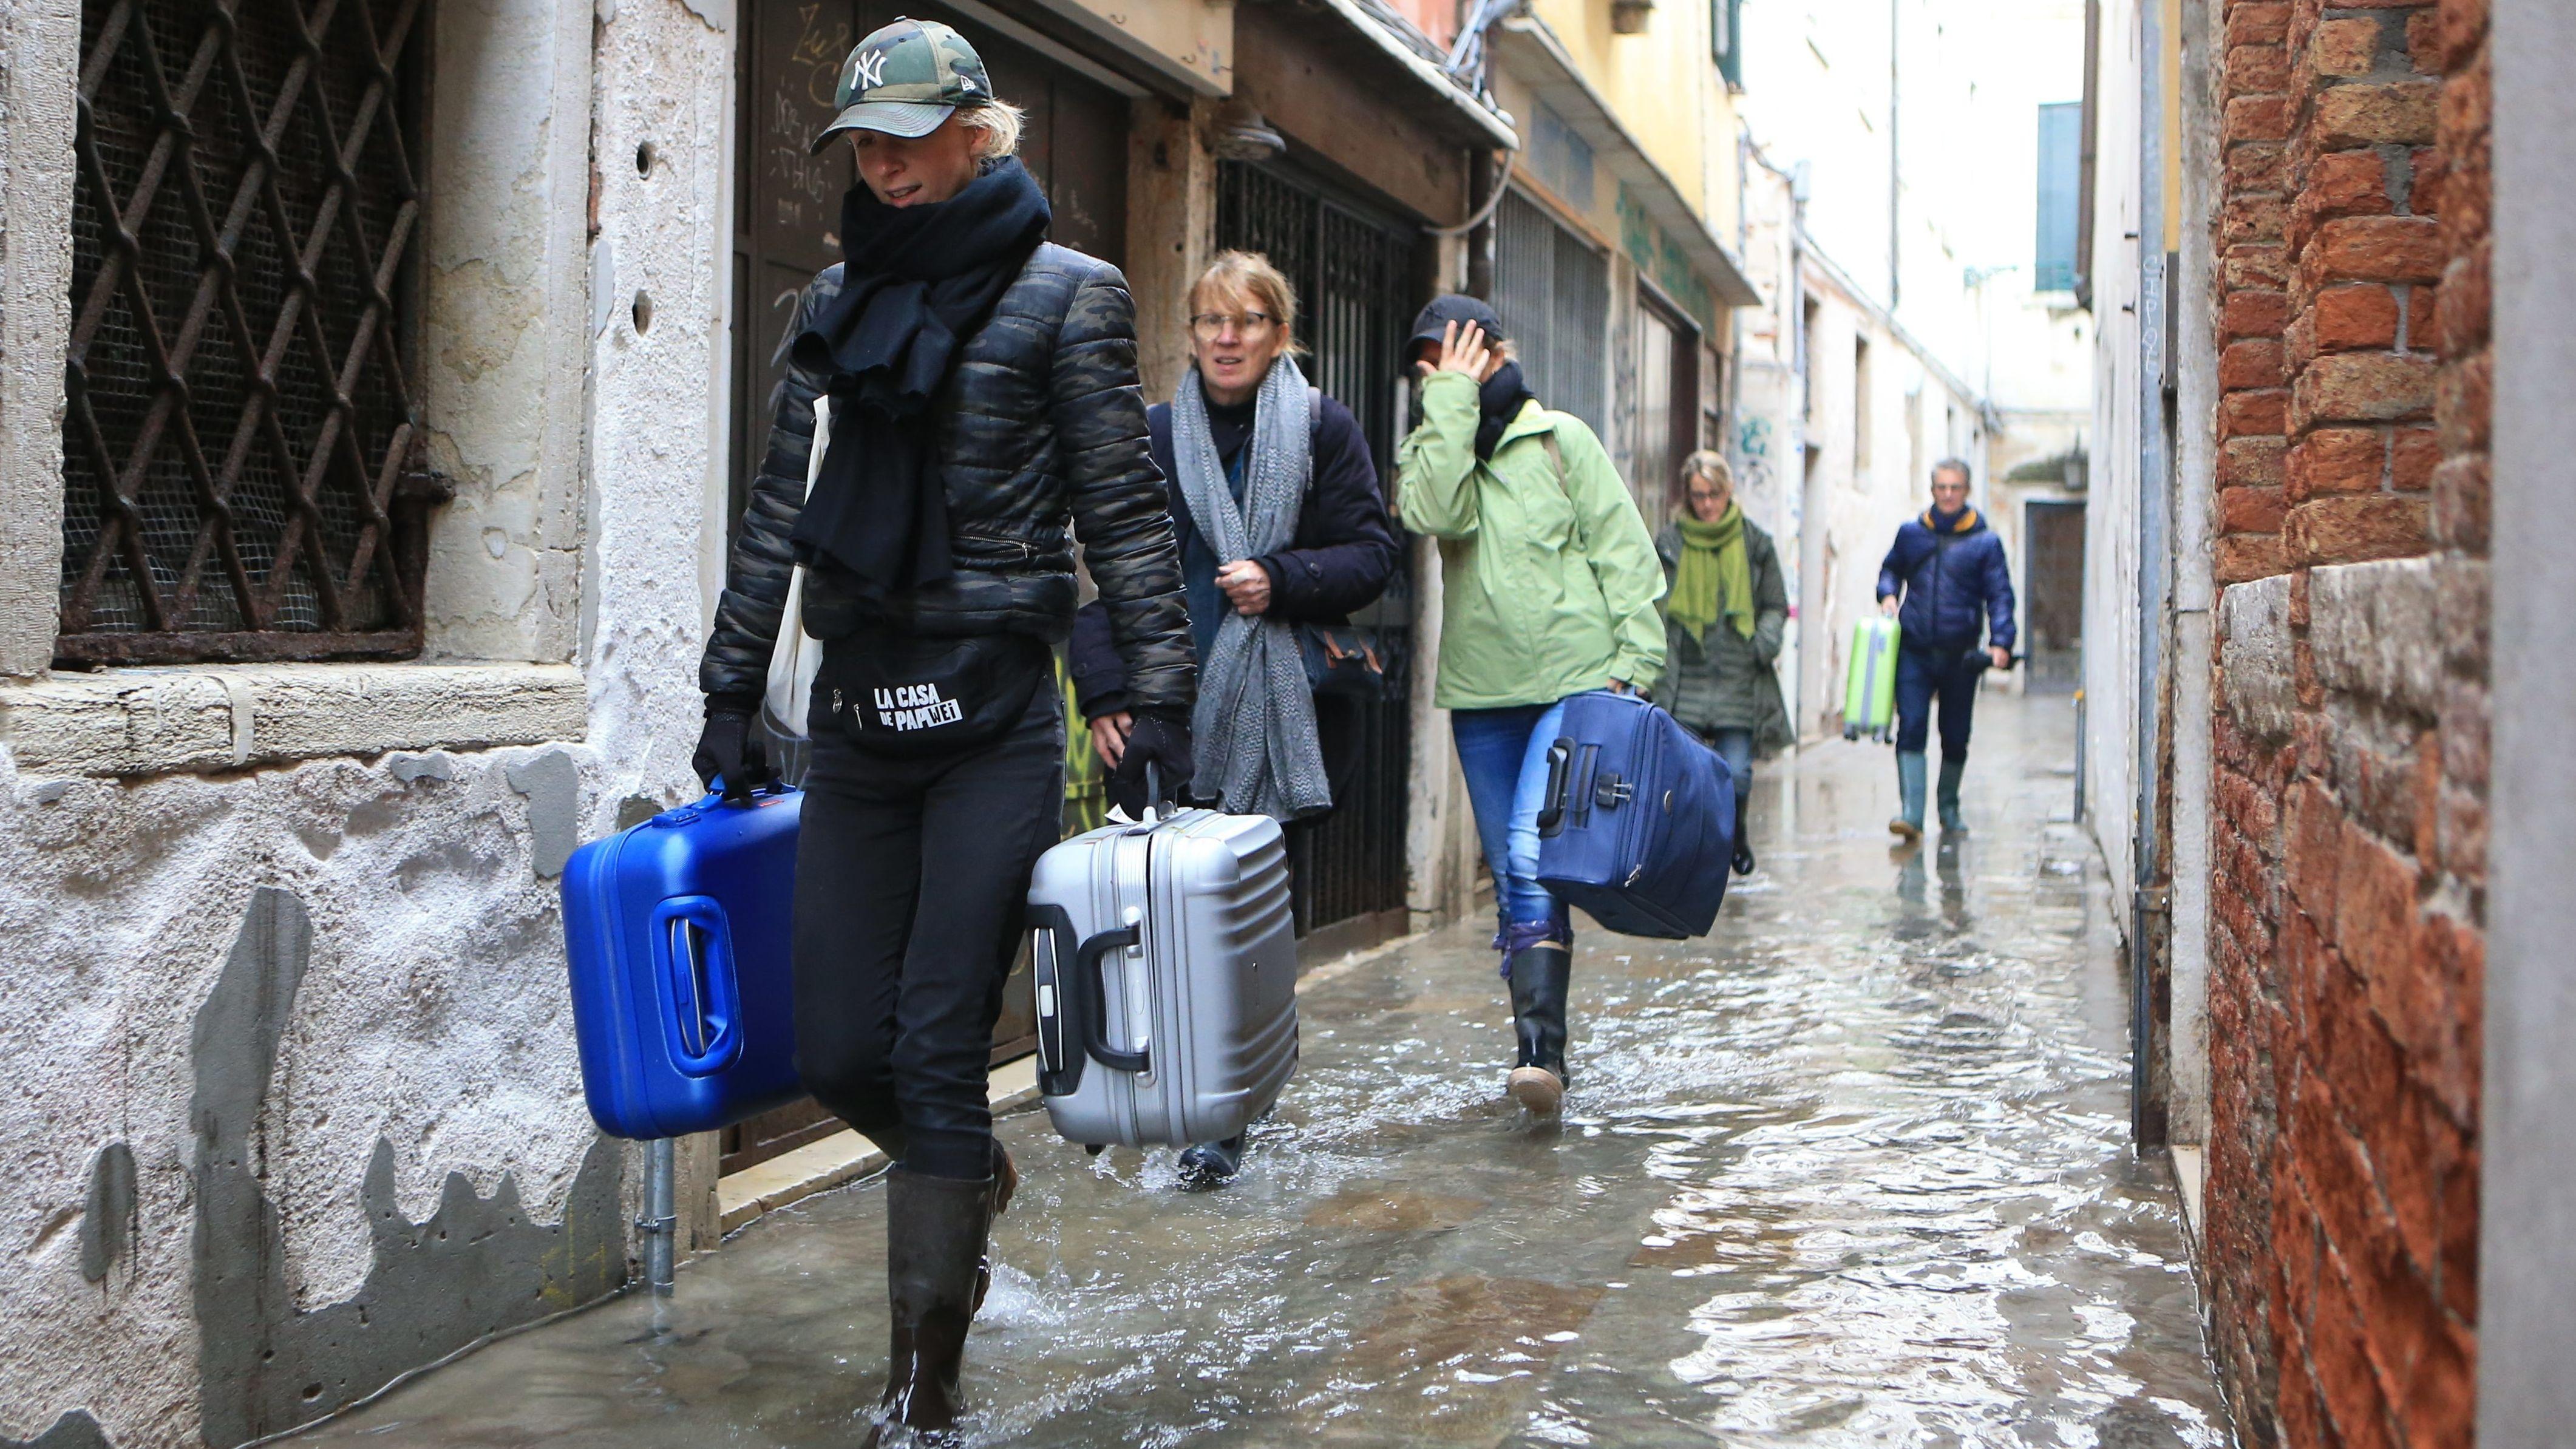 Touristen in Gummistiefen tragen ihre Koffer durch die überfluteten Gassen von Venedig